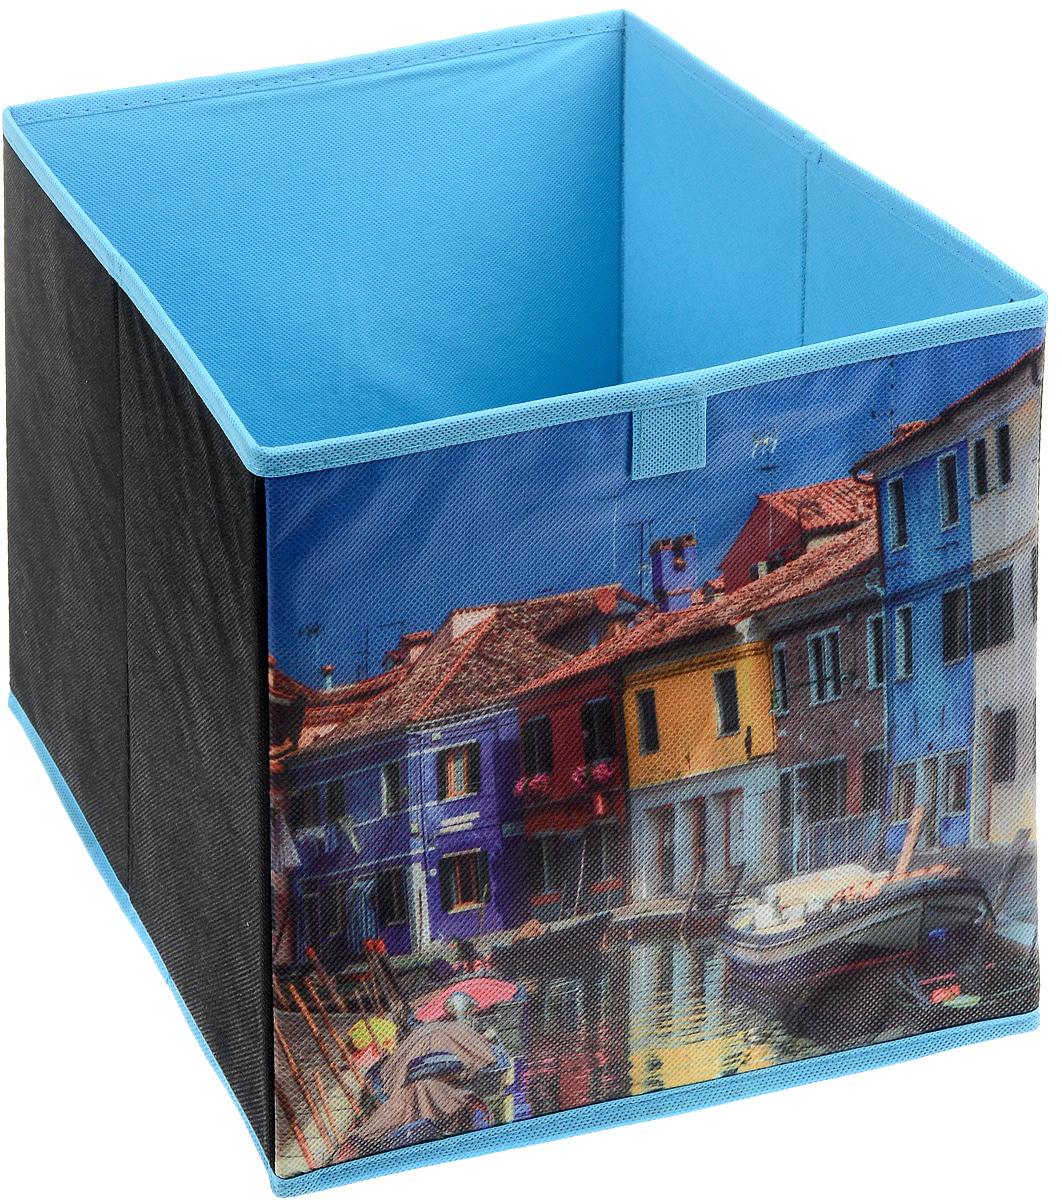 """Кофр для хранения """"Венеция"""" изготовлен из высококачественного нетканого полотна и декорирован красочным изображением венецианской улочки. Кофр имеет одно большое отделение, где вы можете хранить различные бытовые вещи, нижнее белье, одежду и многое другое. Вставки из картона обеспечивают прочность конструкции. Стильный принт, модный цвет и качество исполнения сделают такой кофр незаменимым для хранения ваших вещей."""